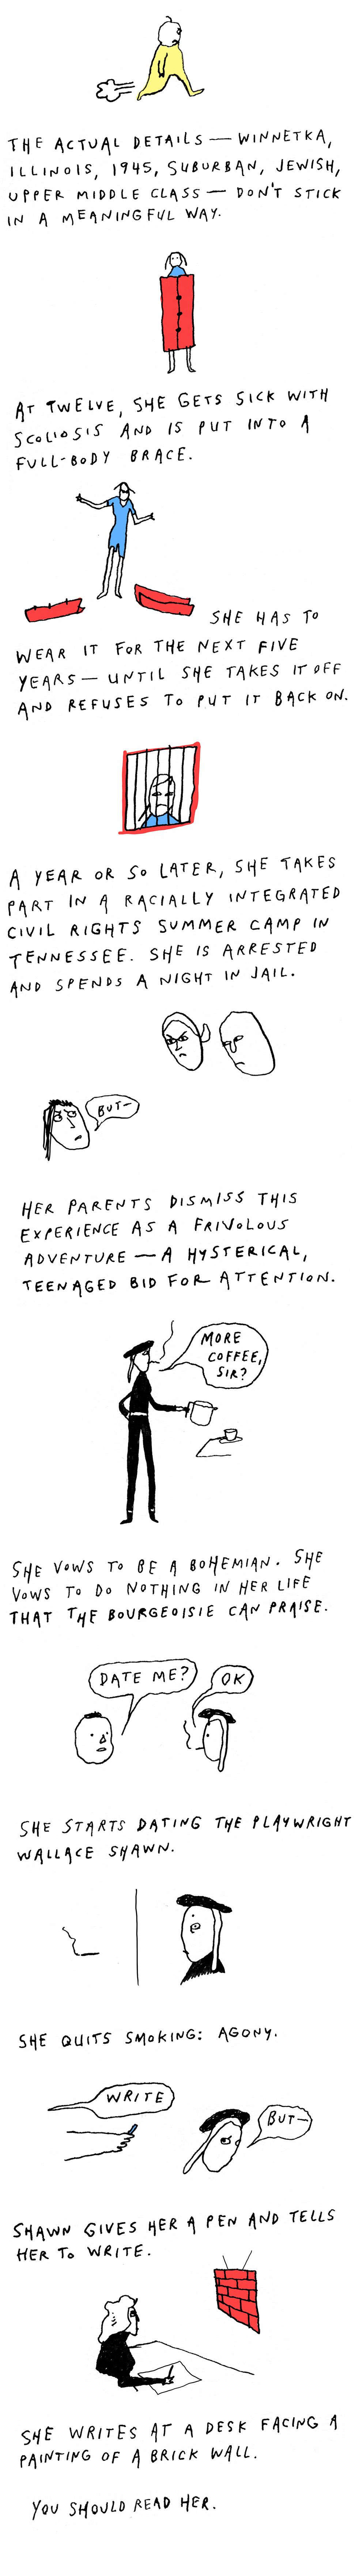 Deborah Eisenberg's Life in Comics